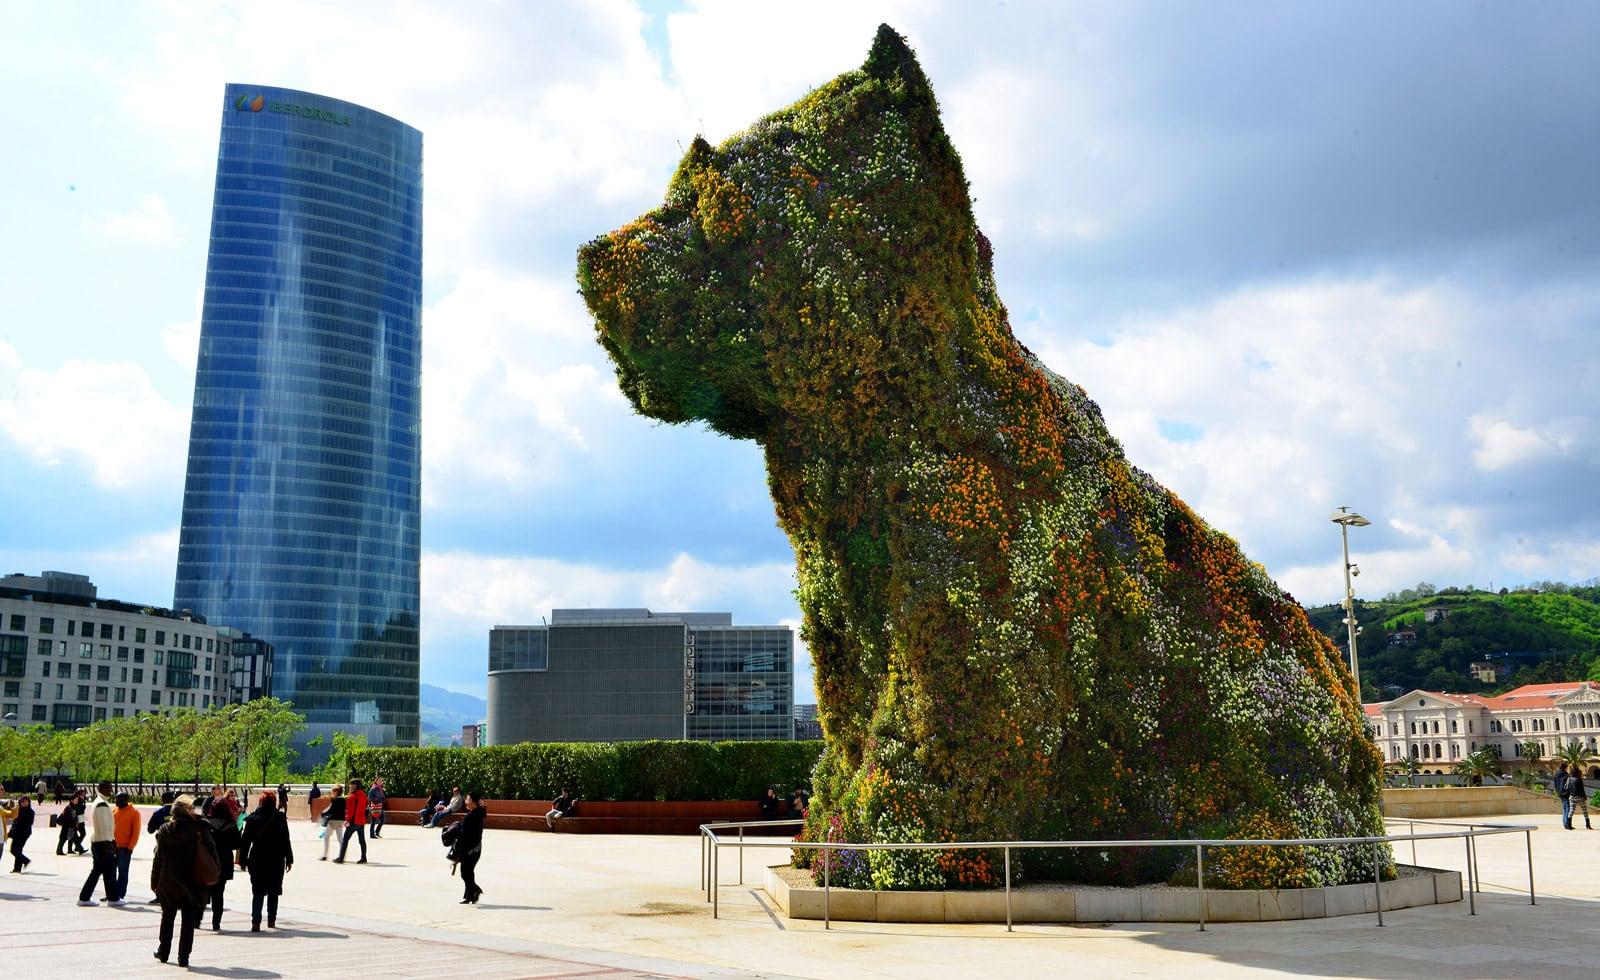 Puppy, escultura floral de Jeff Koons, a la porta del Museu Guggenheim de Bilbao. Fotografia de Xavier Jubierre.